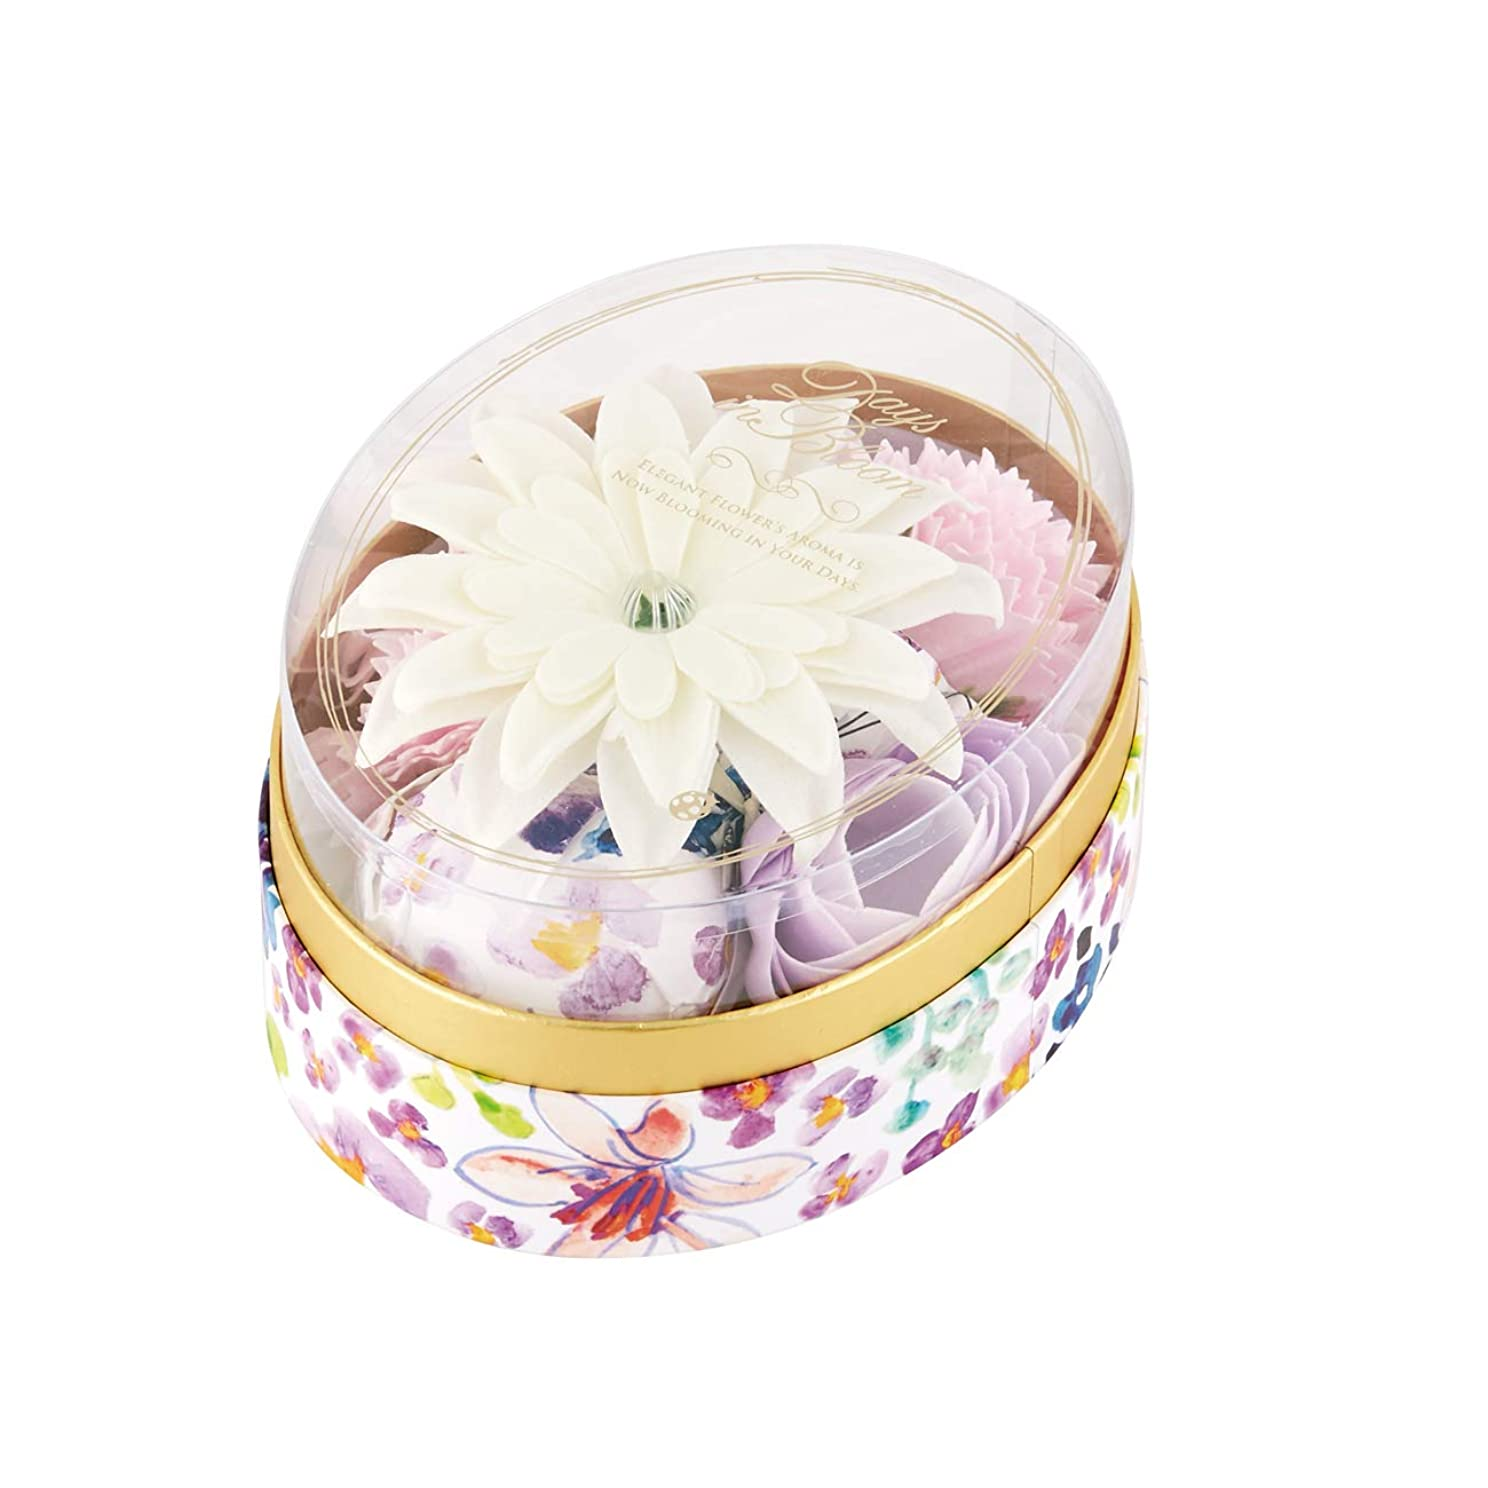 デイズインブルーム バスセットオーバル リリー(プレゼント プチギフト 花ギフト 百合の香り)